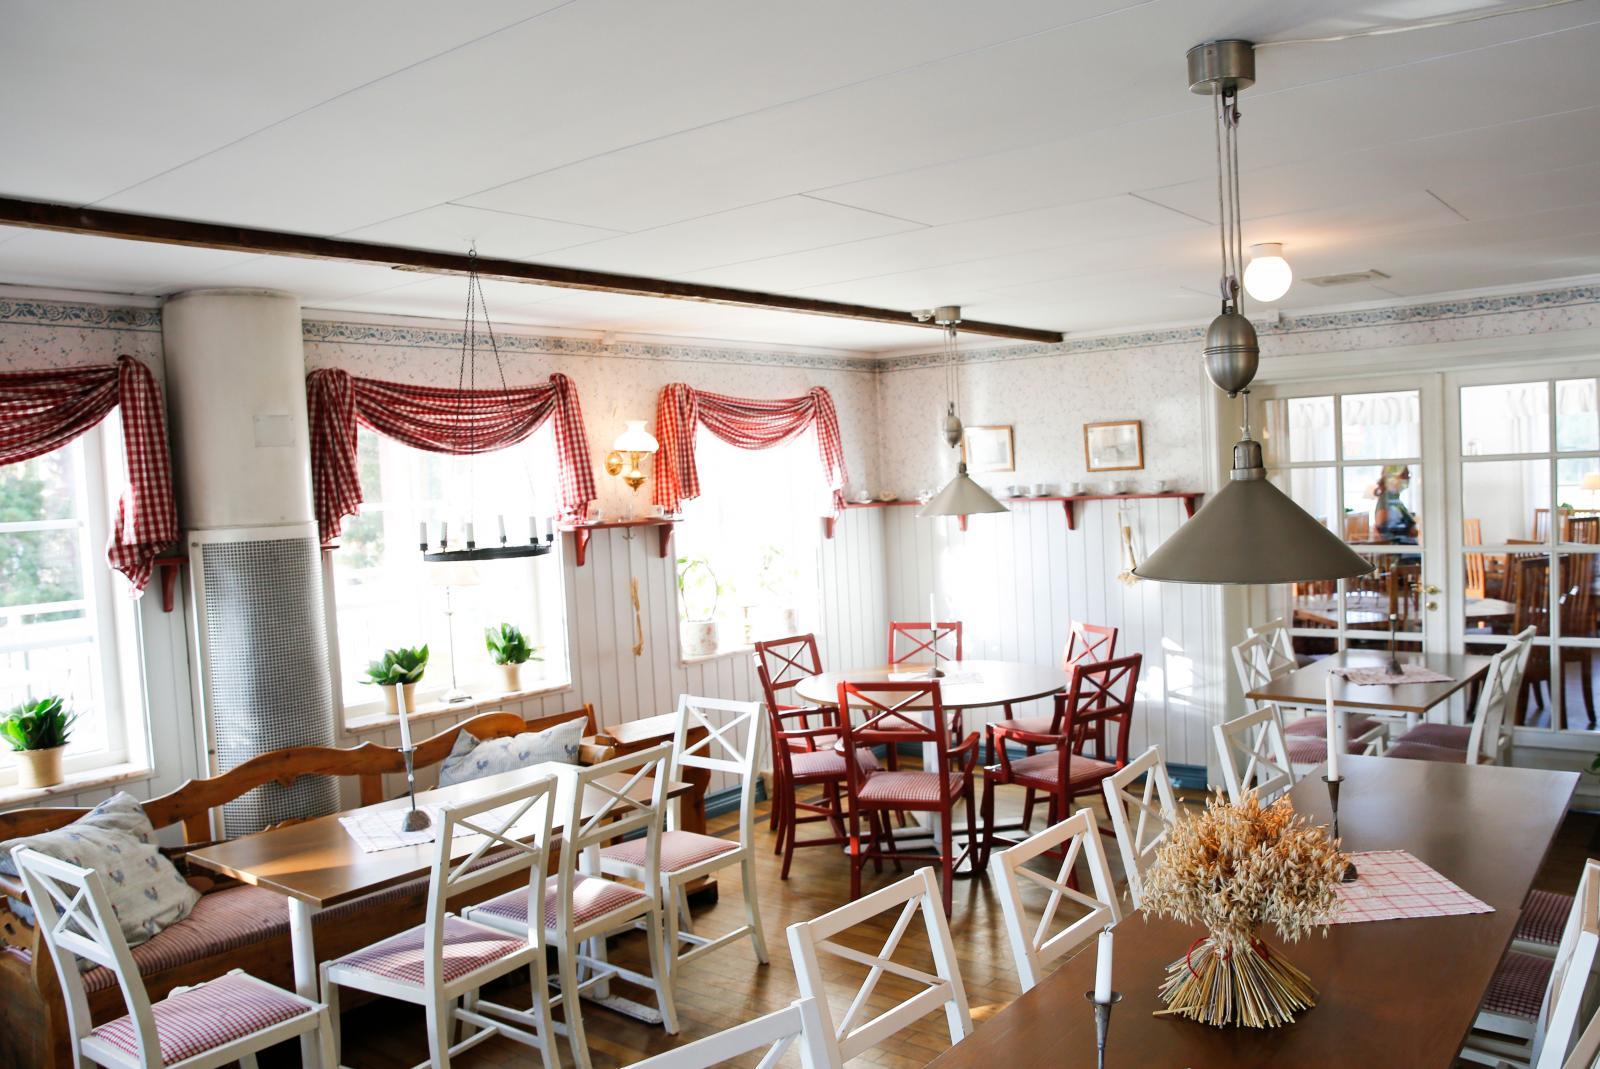 Totalt finns det plats till lite drygt 120 sittande gäster inomhus och lika många utomhus.